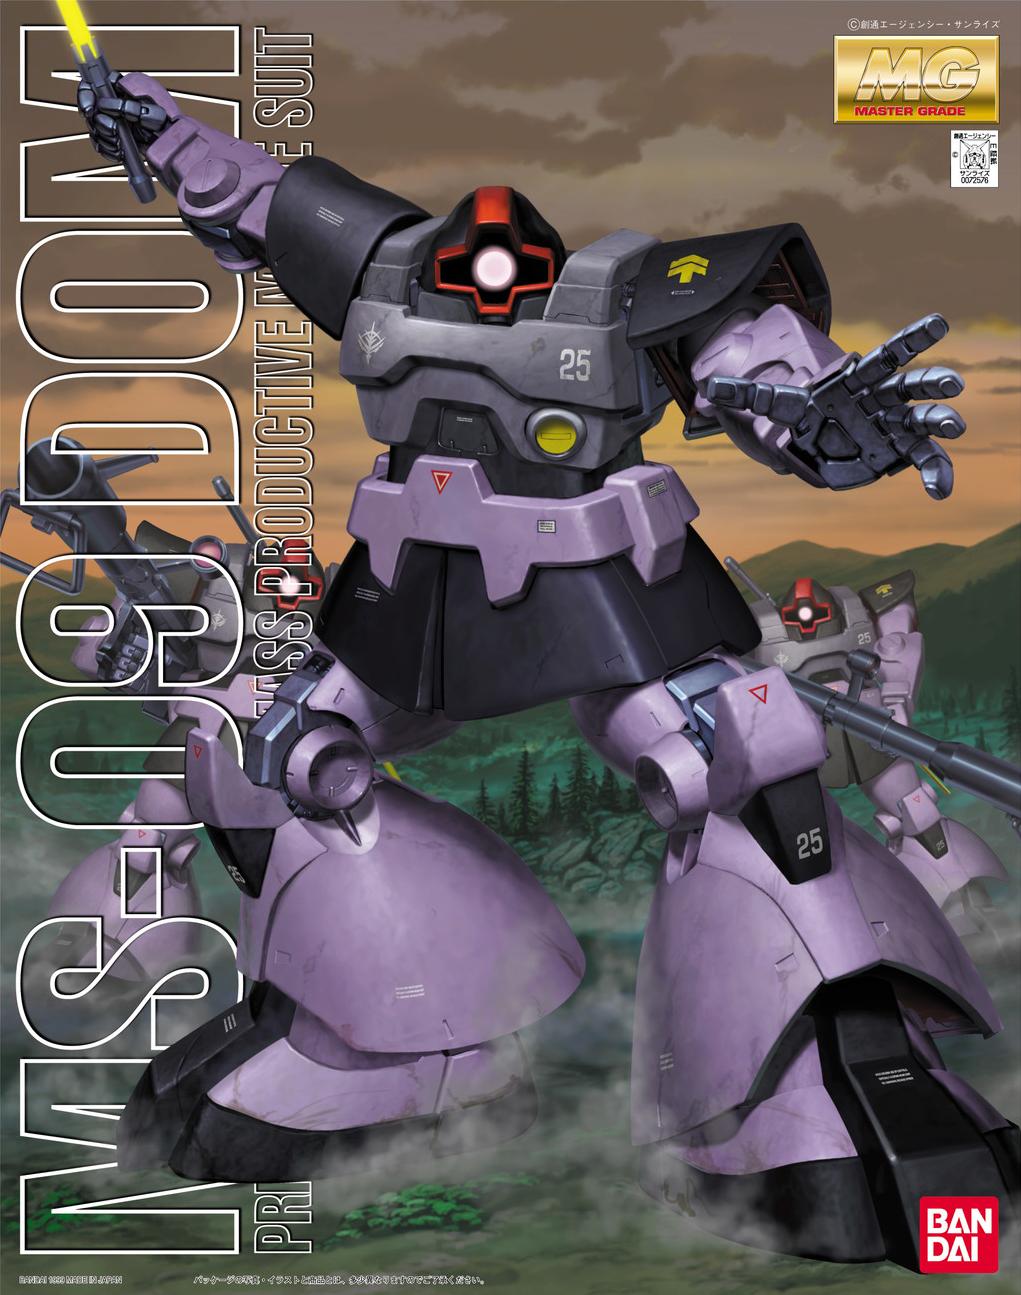 MG 1/100 MS-09 ドム パッケージアート